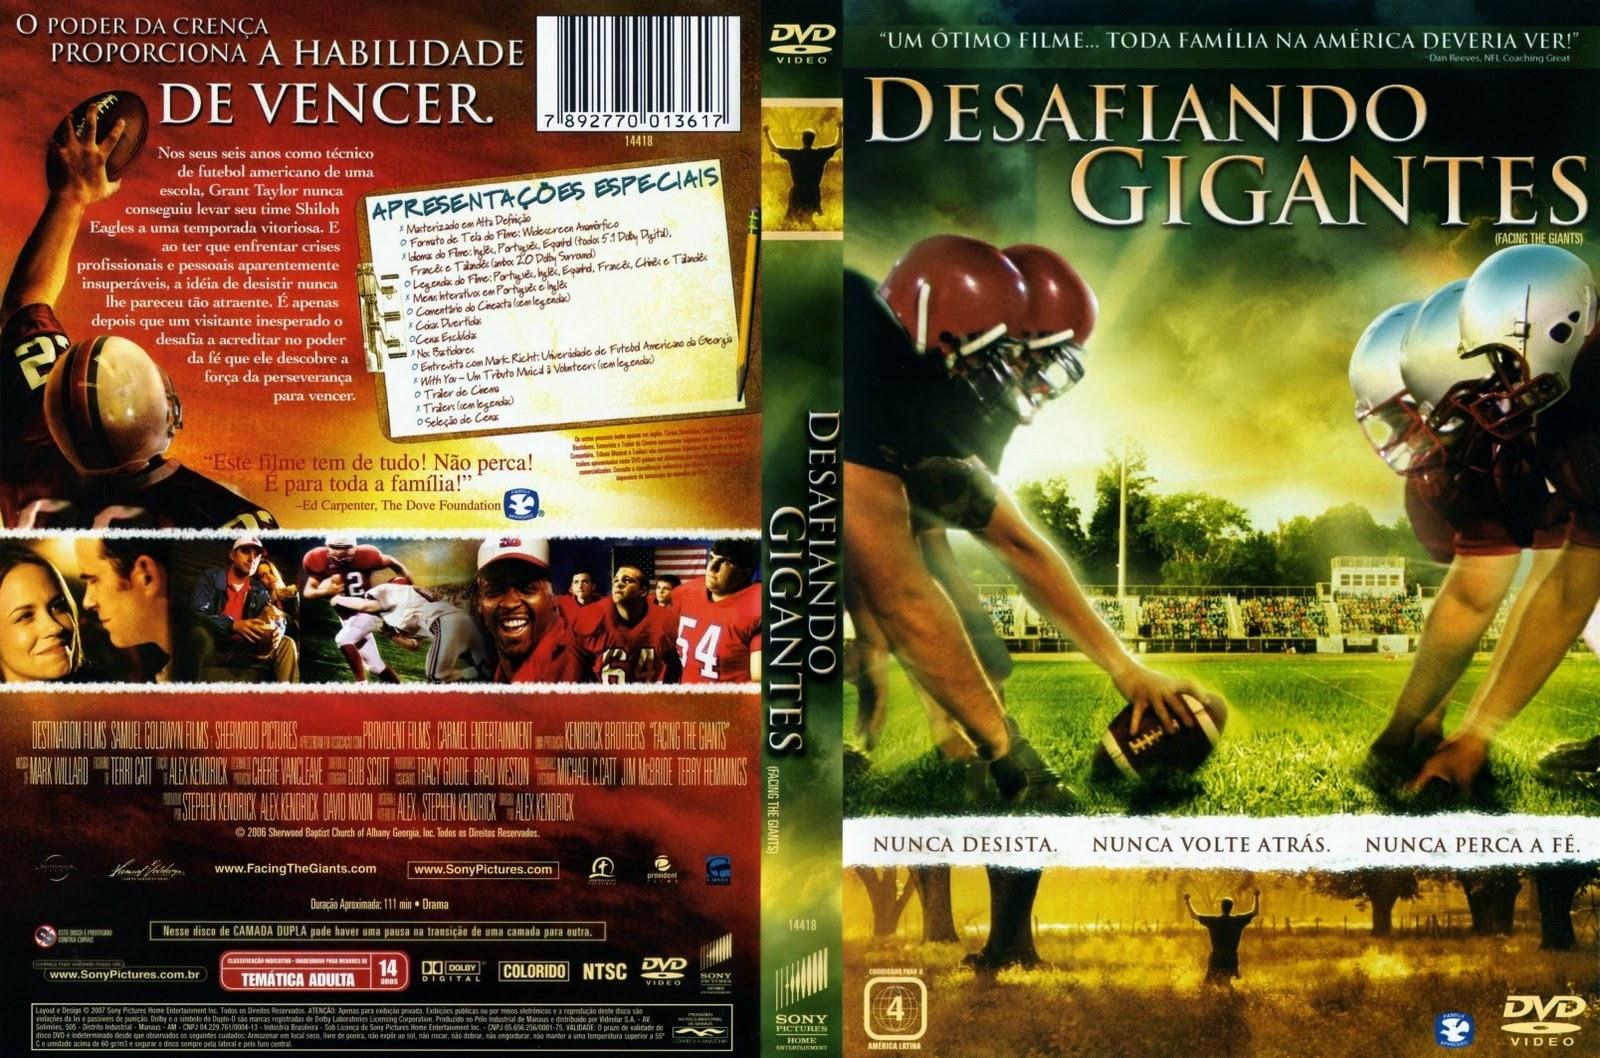 GIGANTE BAIXAR PARA FILME DESAFIANDO O